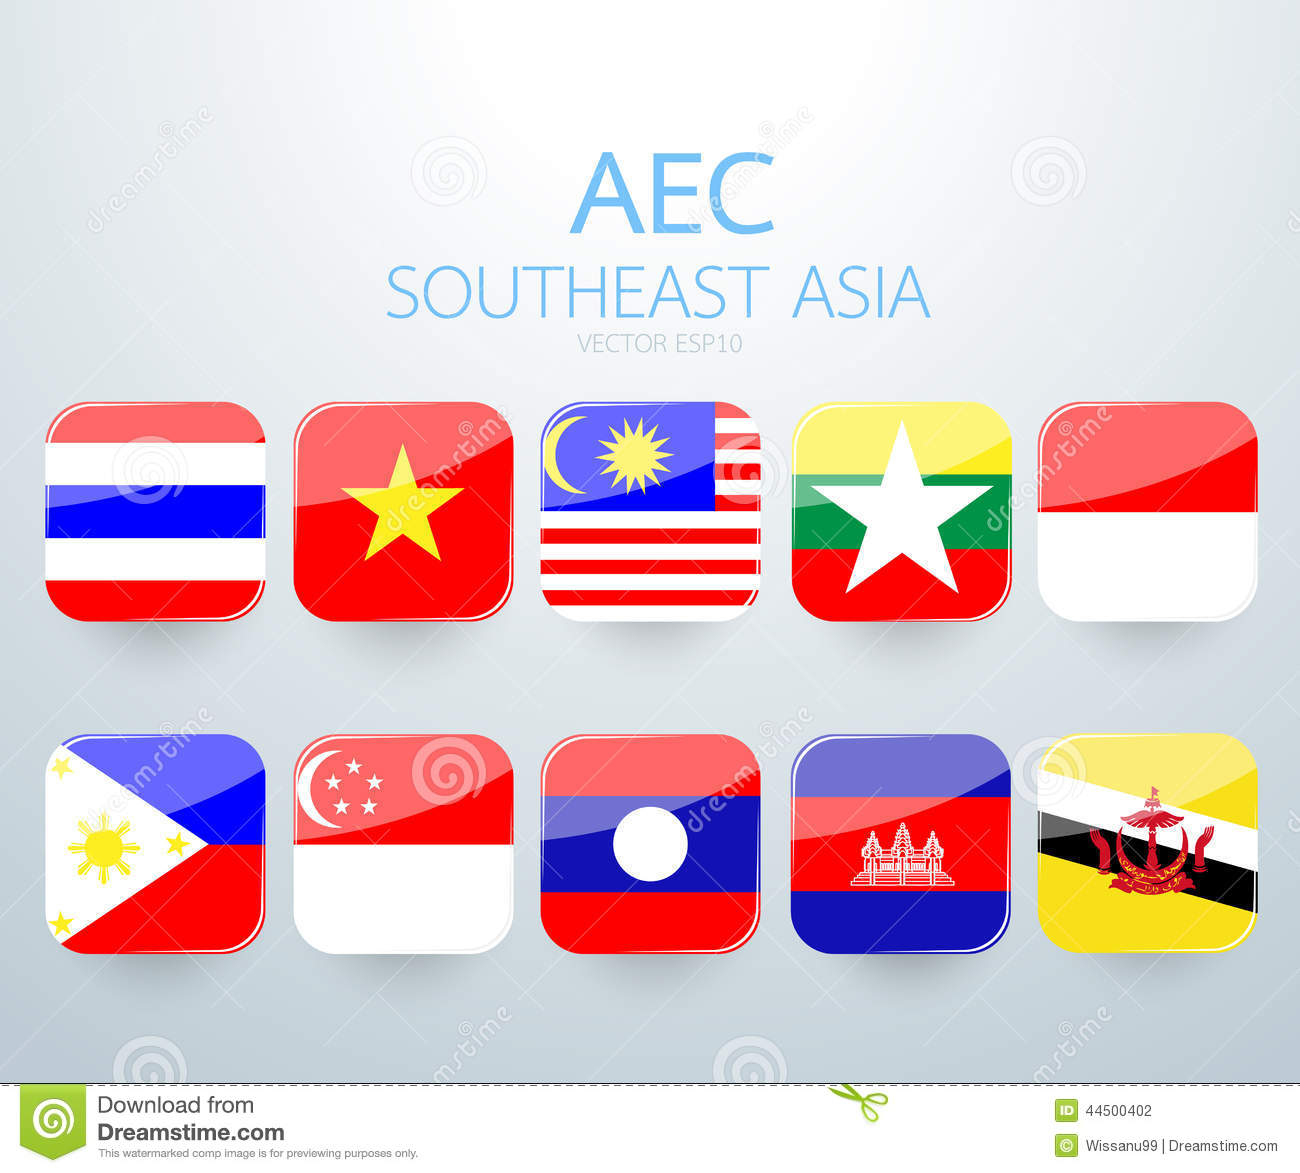 essay budaya indonesia sosial untuk aec (masyarakat ekonomi asean) 2015